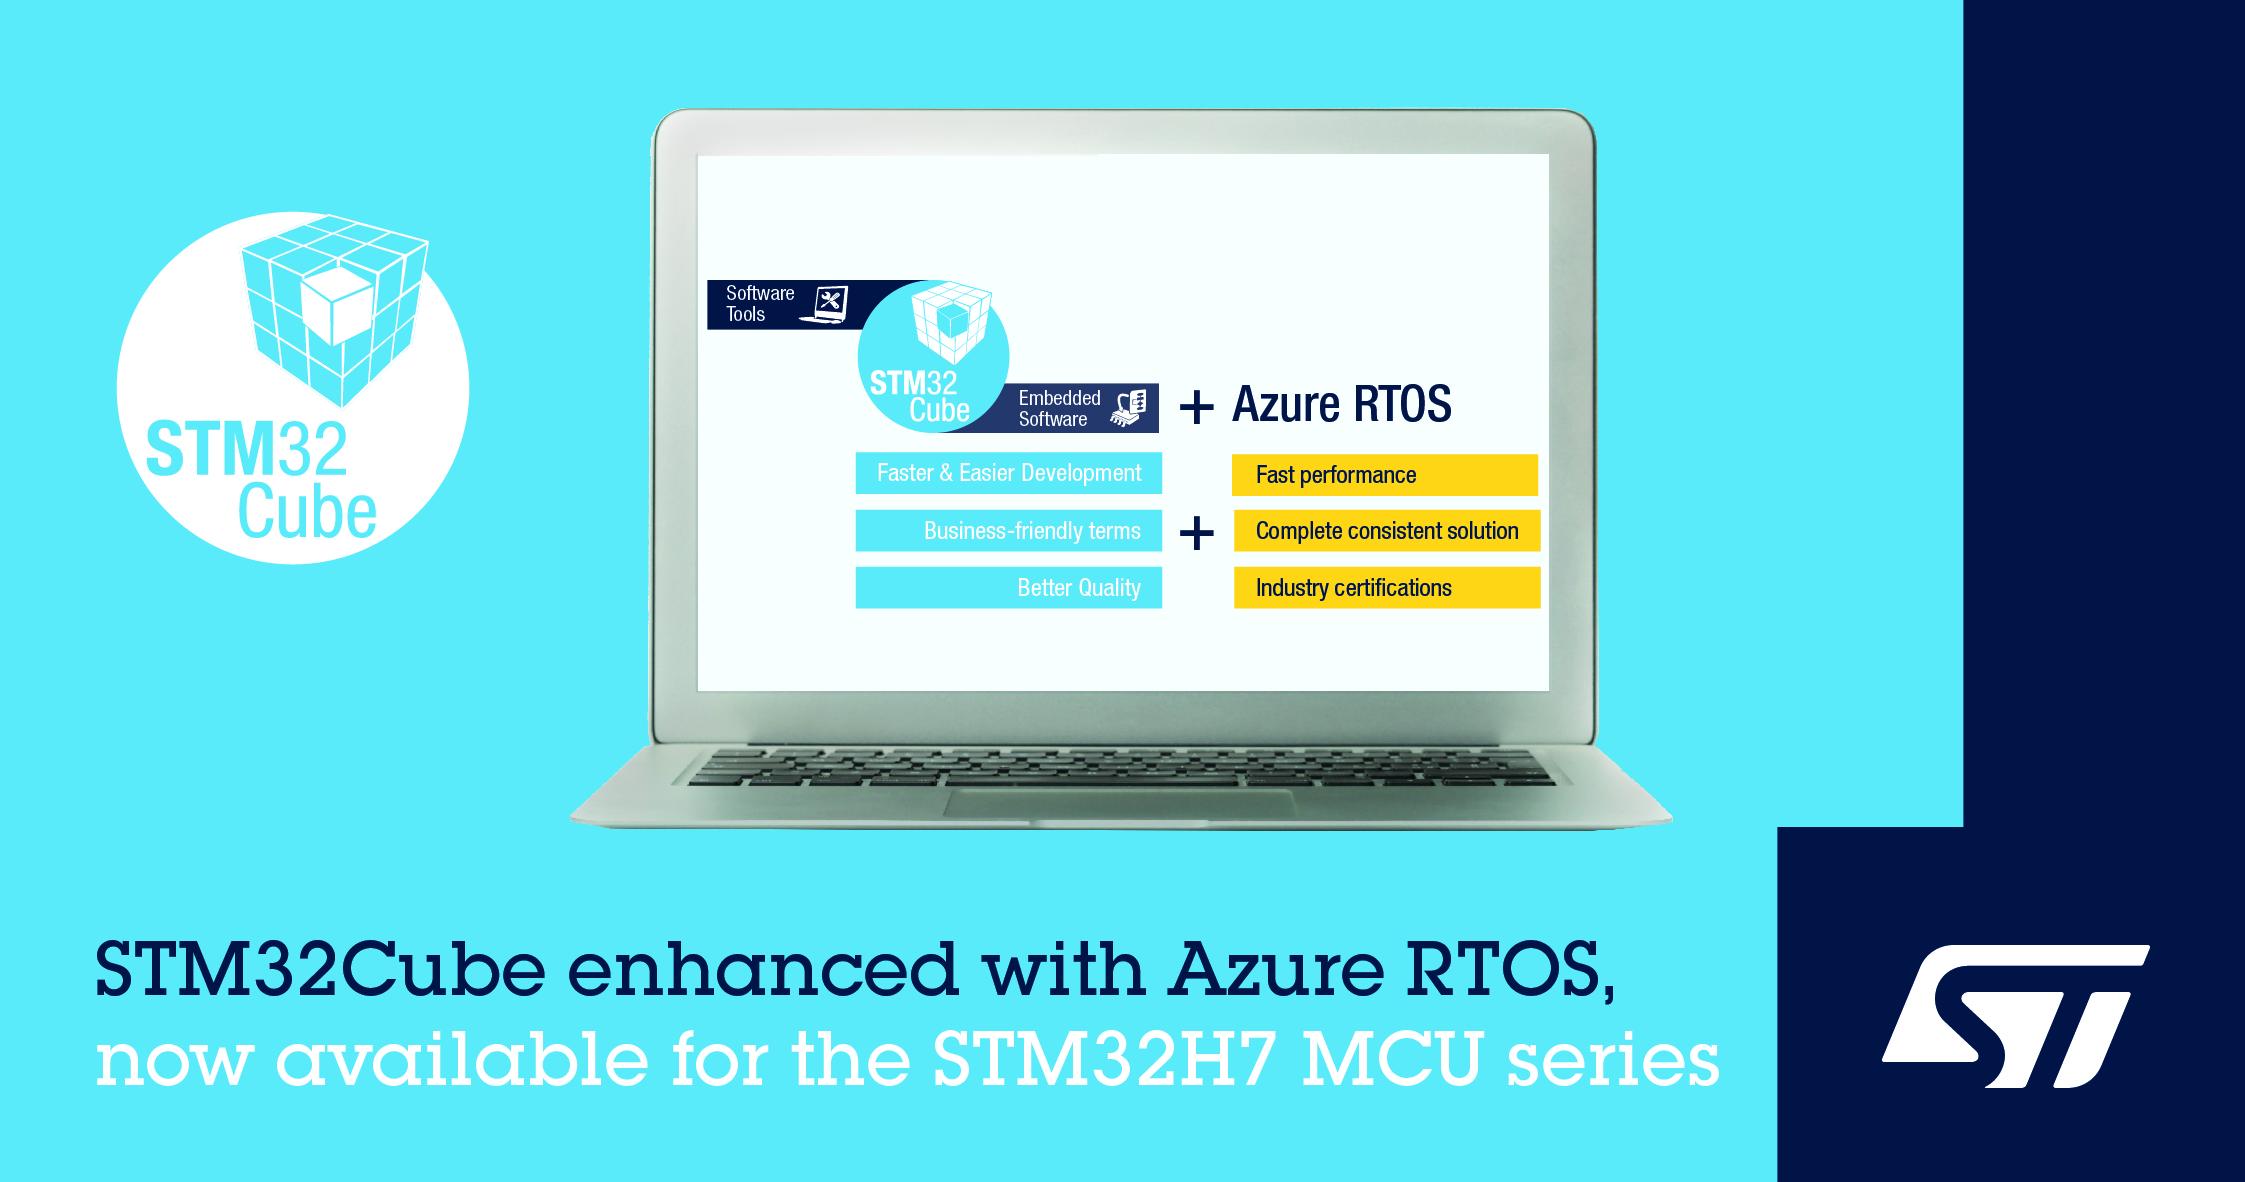 意法半导体发布新软件包支持在STM32 MCU上开发Microsoft Azure RTOS项目,加快智能产品研发周期